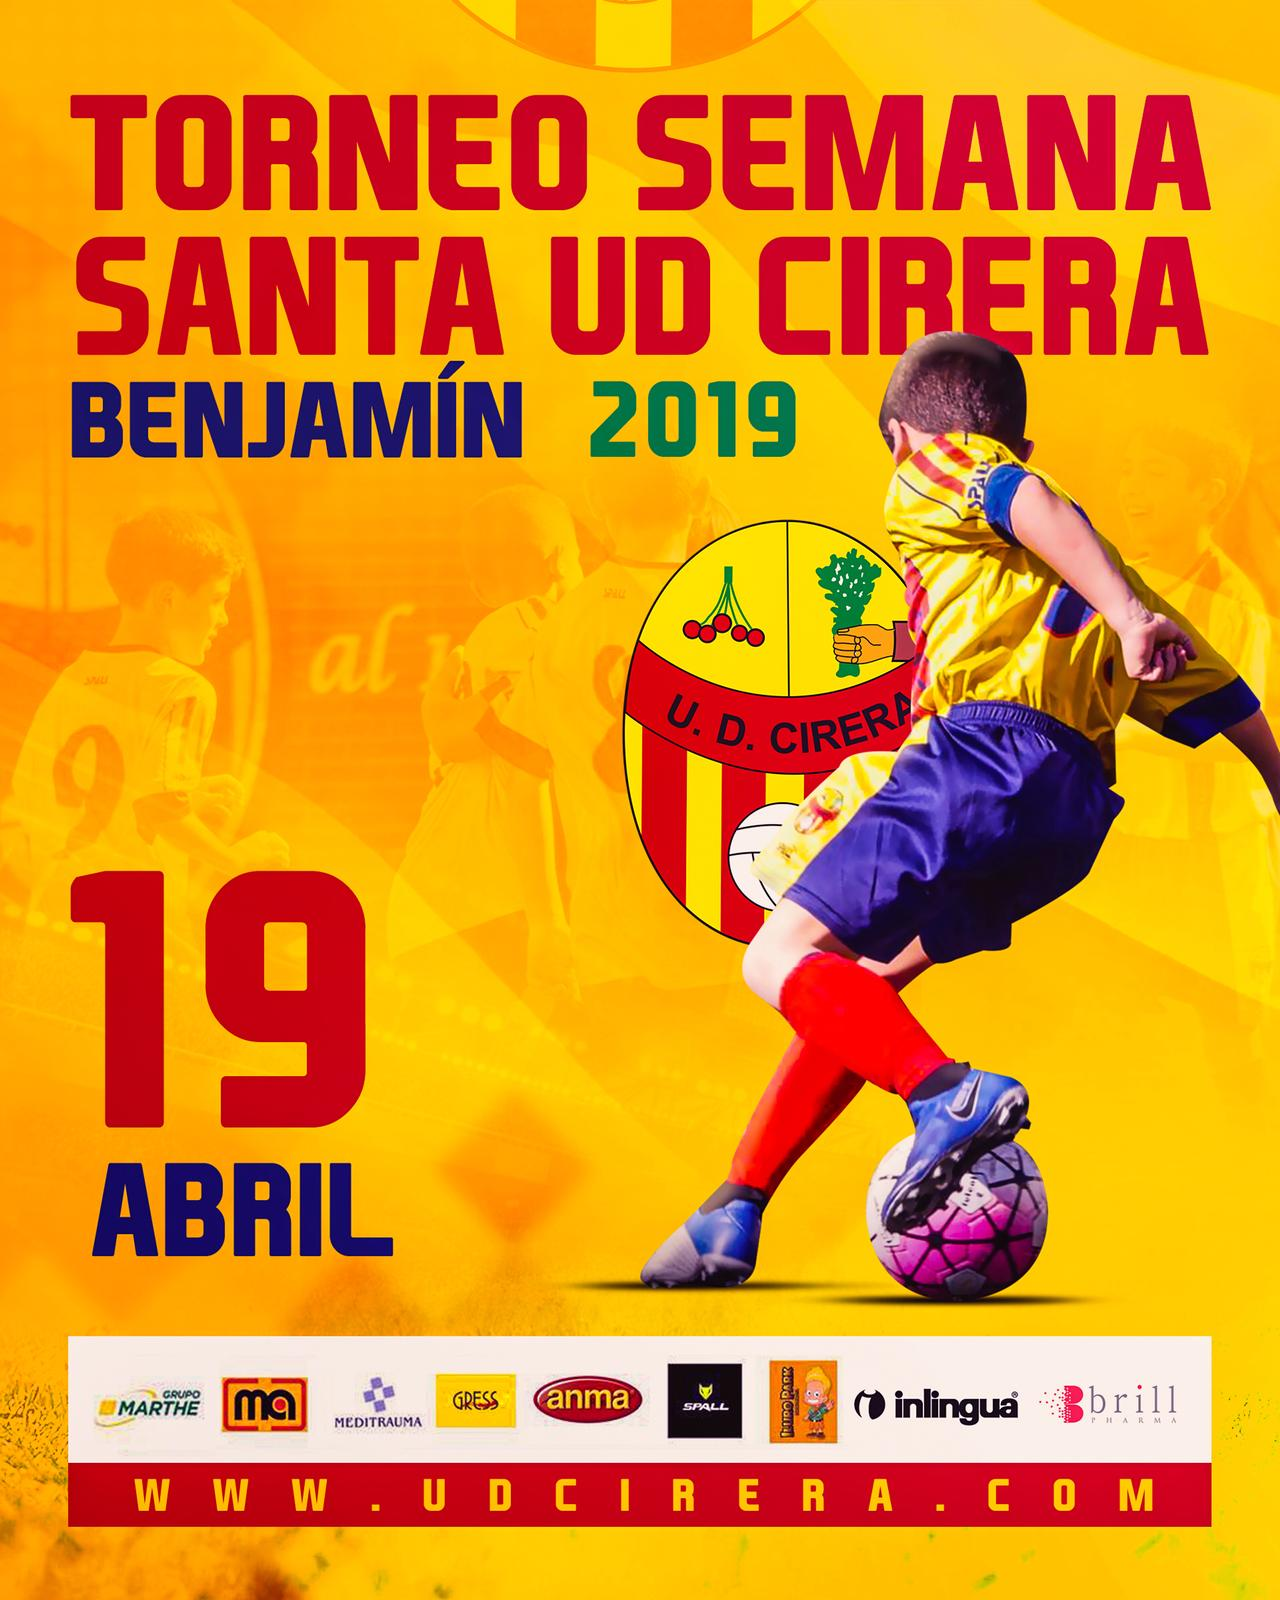 Torneo Semana Santa UD Cirera